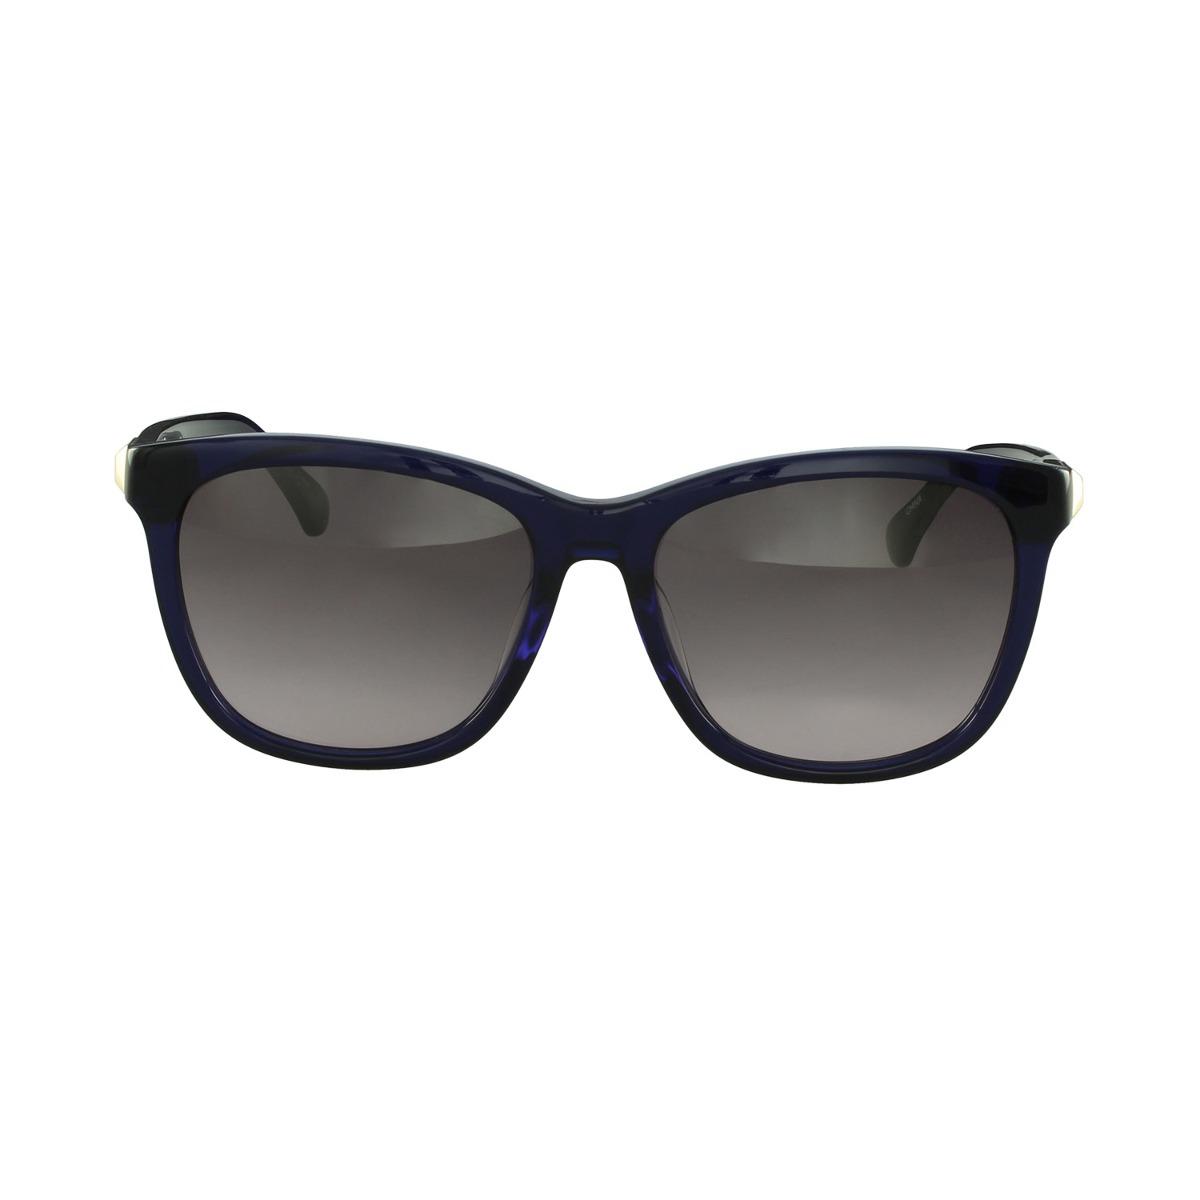 4b49e43cd2edc óculos de sol calvin klein casual azul. Carregando zoom.